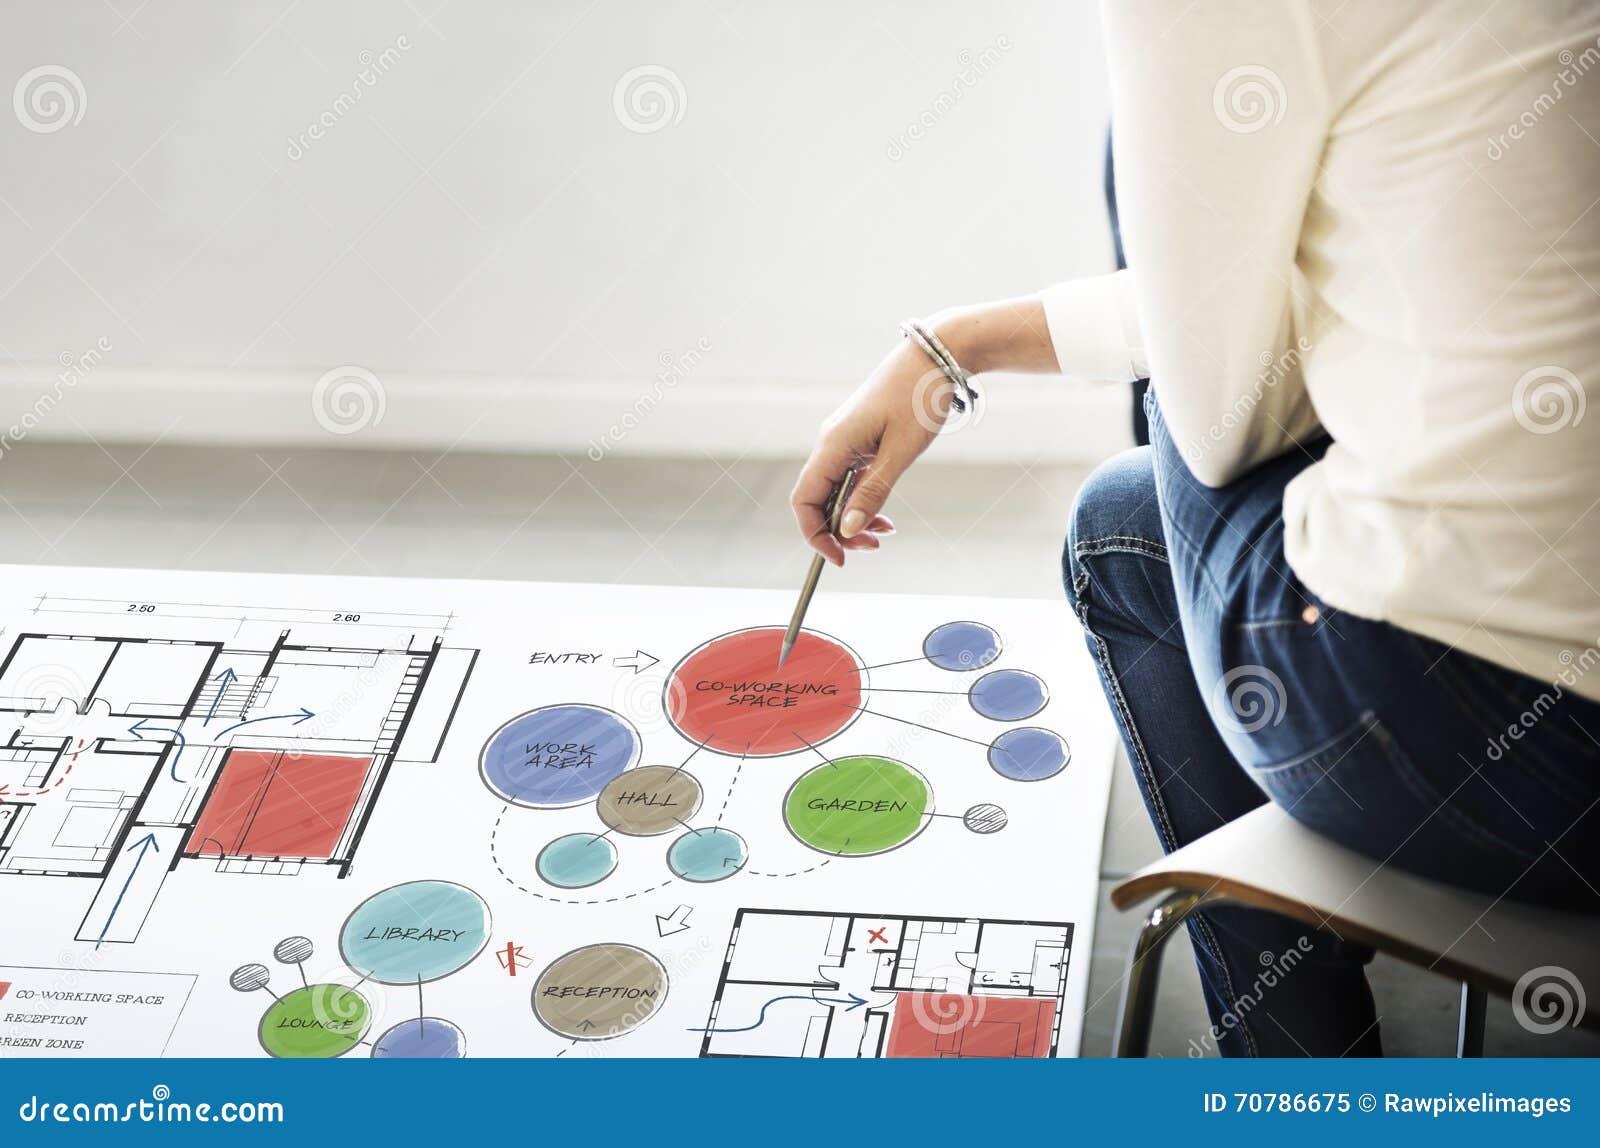 Disegno Di Ufficio : Concetto del disegno di schizzo della pianta dell ufficio immagine